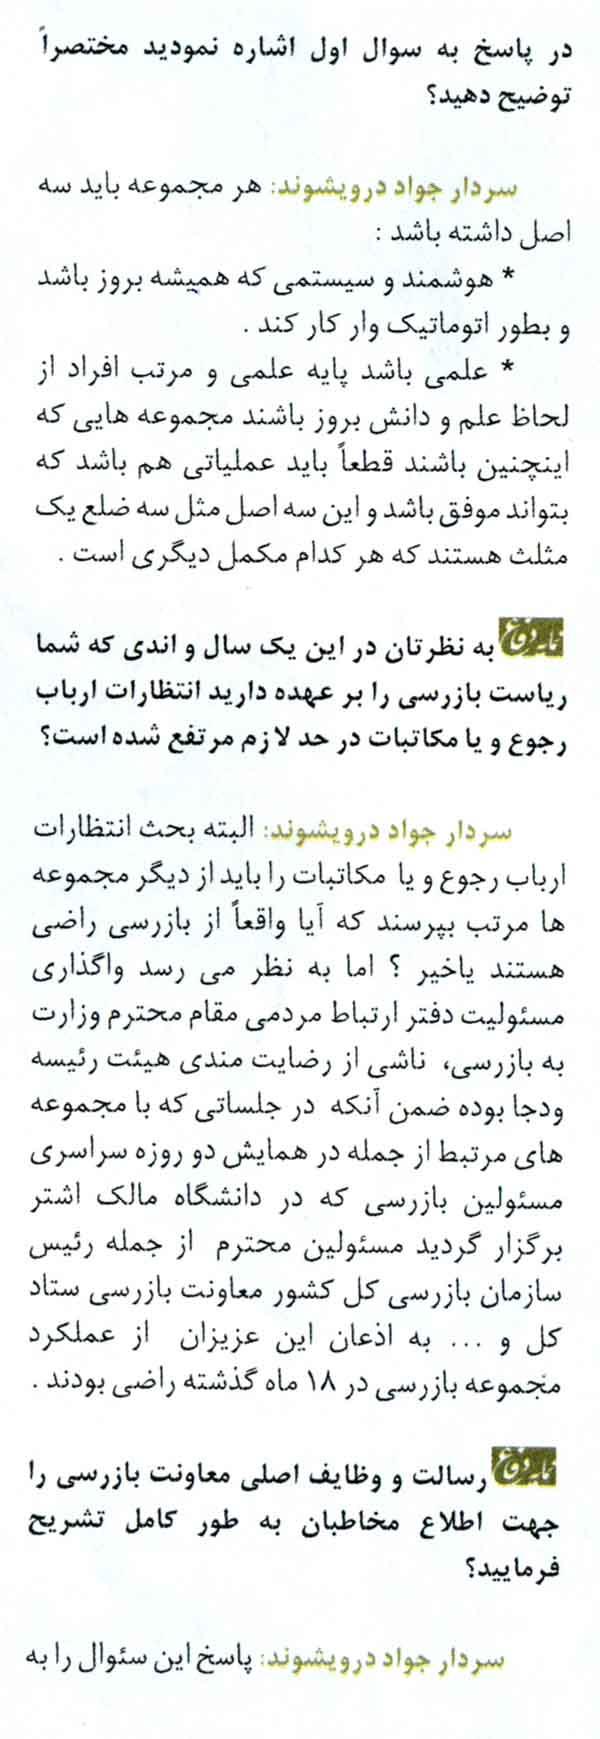 مصاحبه اختصاصی نمایه دفاع با سردار جواد درویش وند- 6